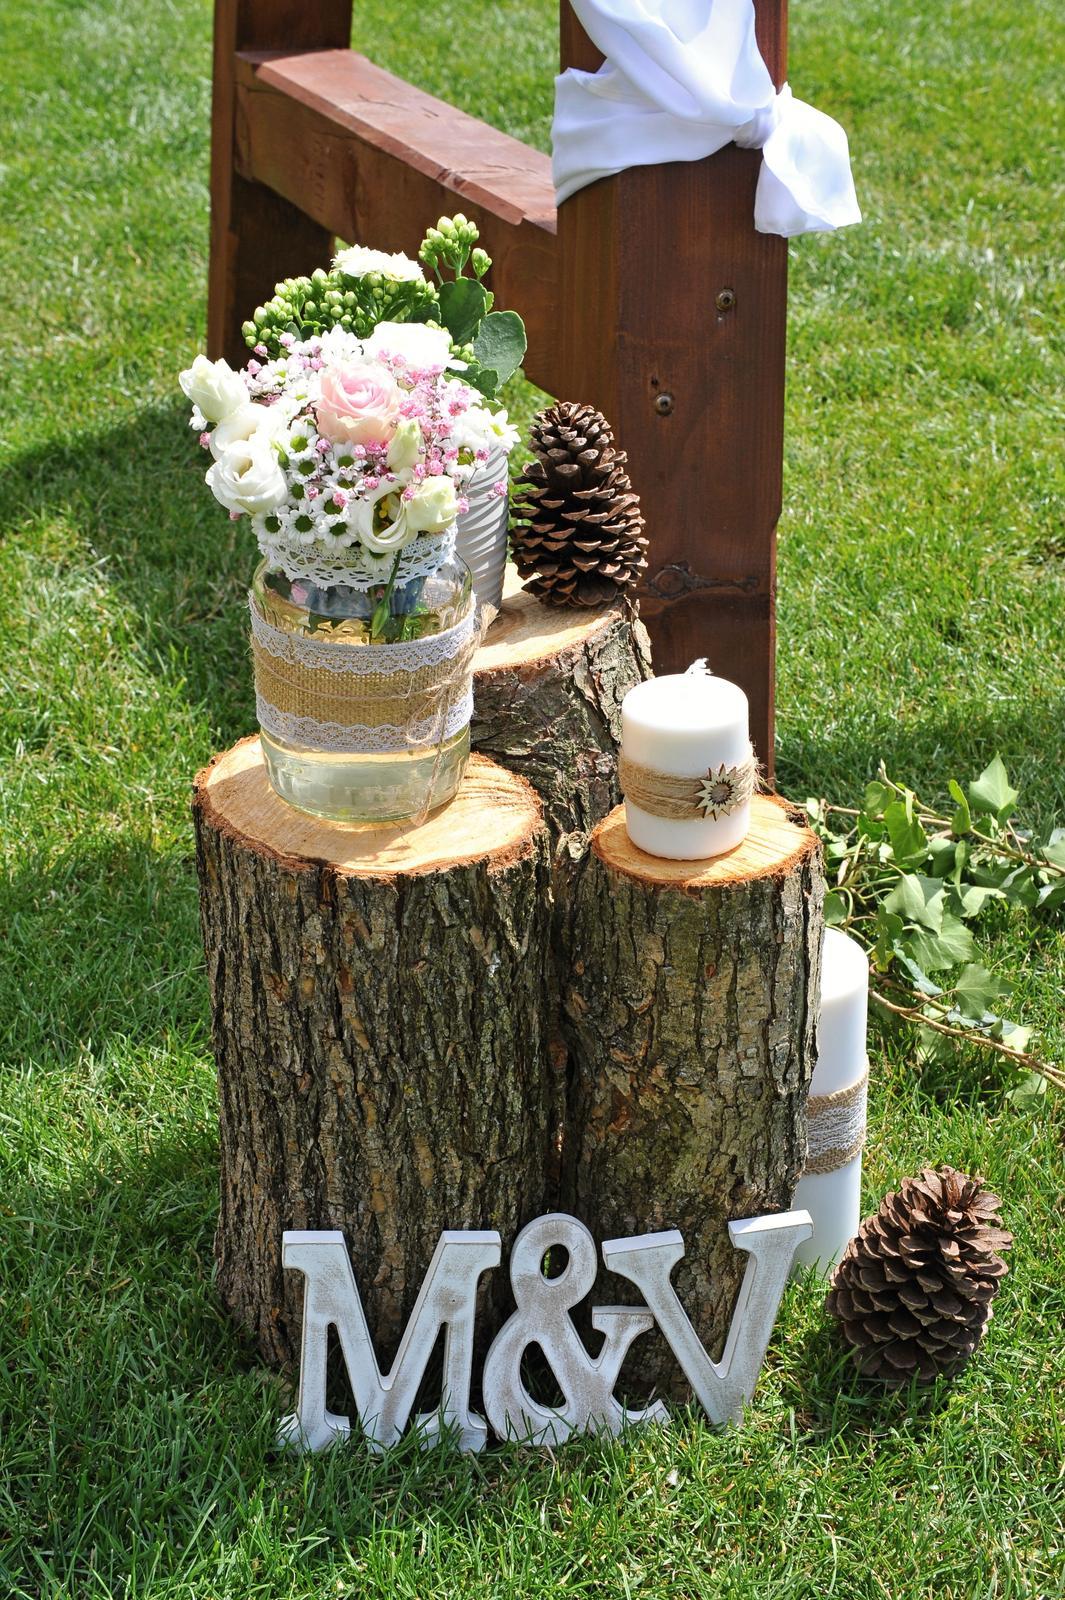 Svatební dekorace (přírodní - juta) komplet výzdoba - Obrázek č. 1